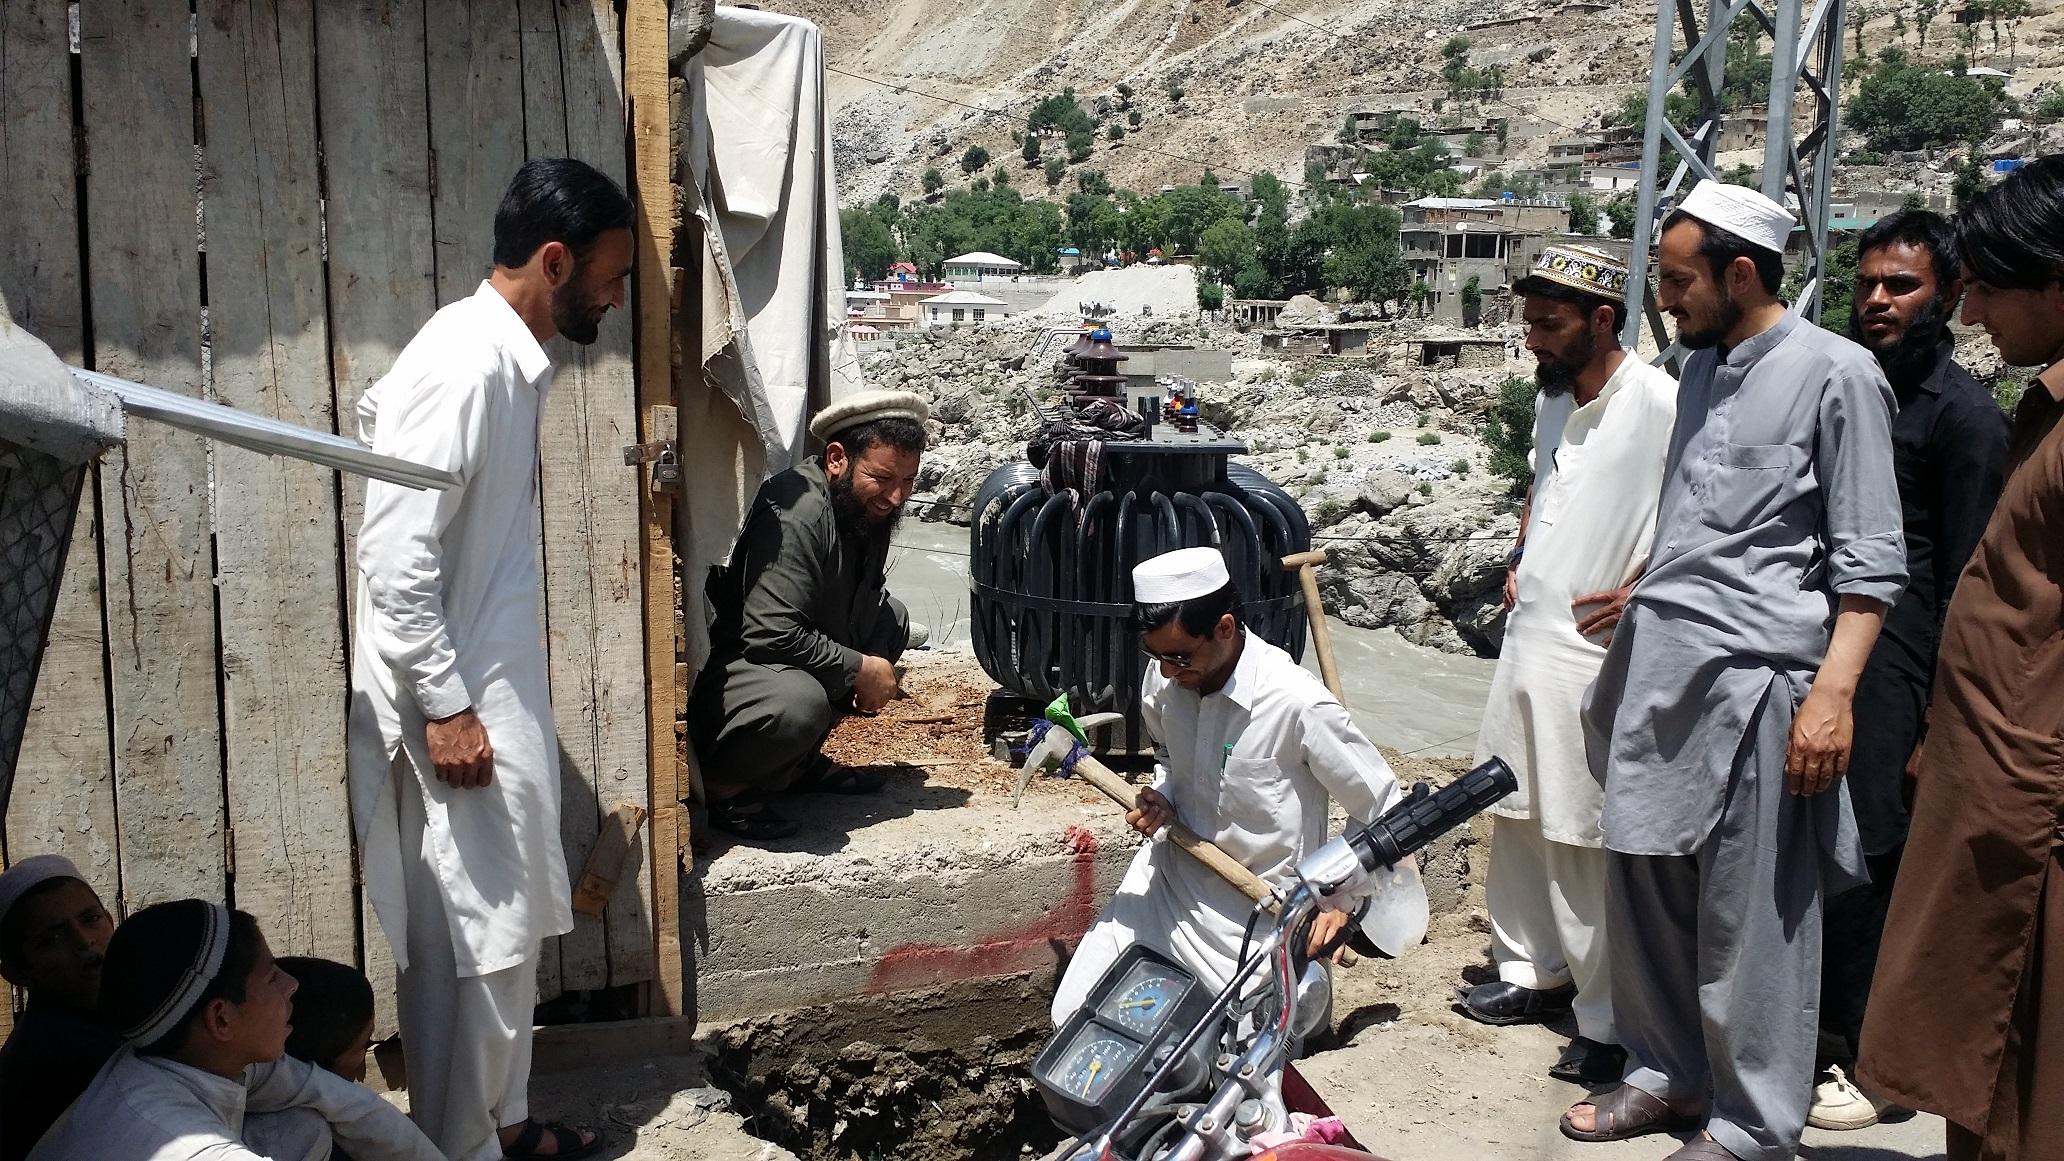 ضلع کوہستان کے مرکزی شہر کمیلہ میں شہریوں کی مدد سے کھمبوں پر تاریں لگ گئیں، جلد بجلی ملنے کا امکان پیدا ہوگیا